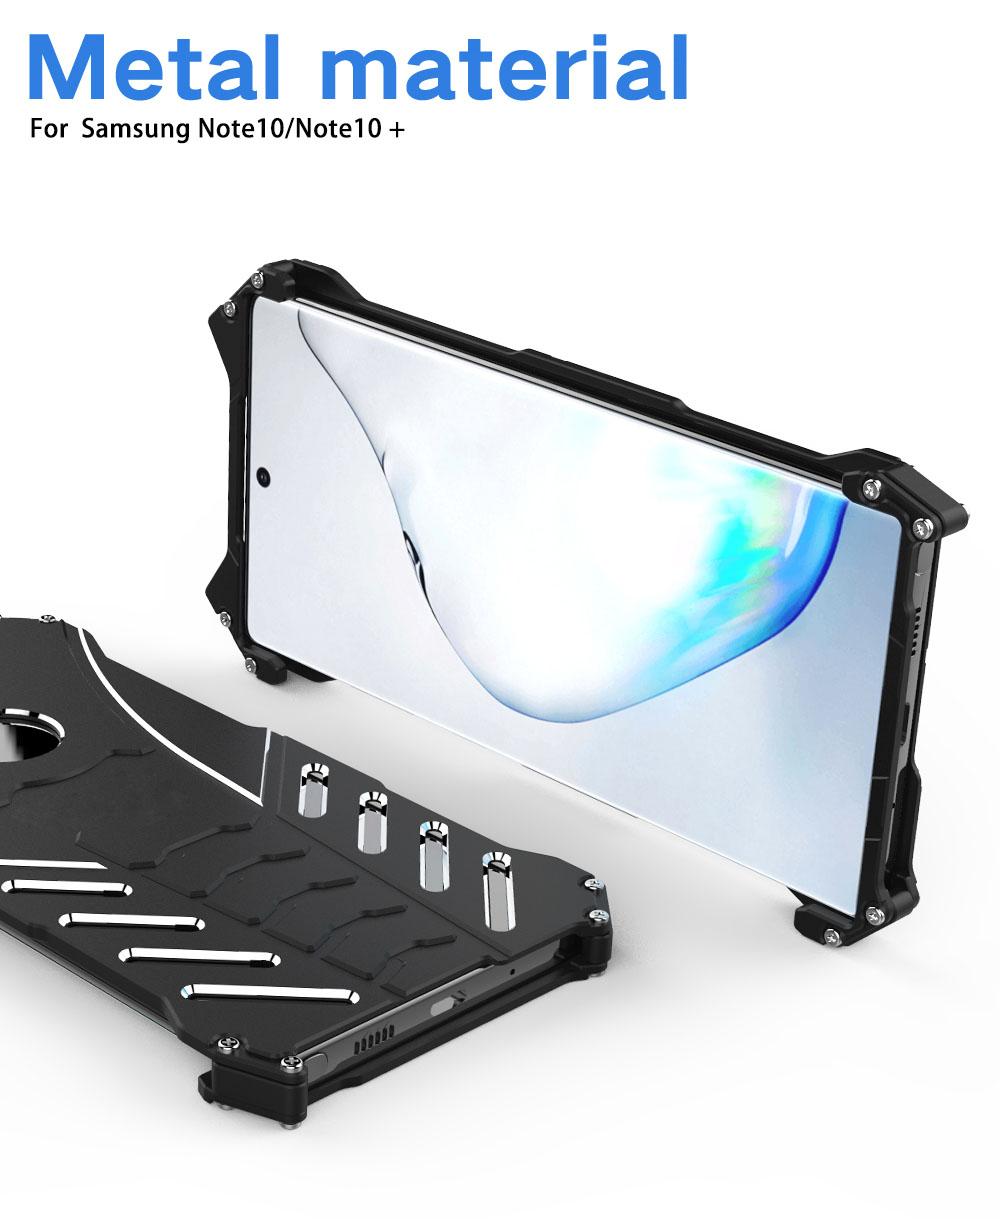 Samsung Note 10 case